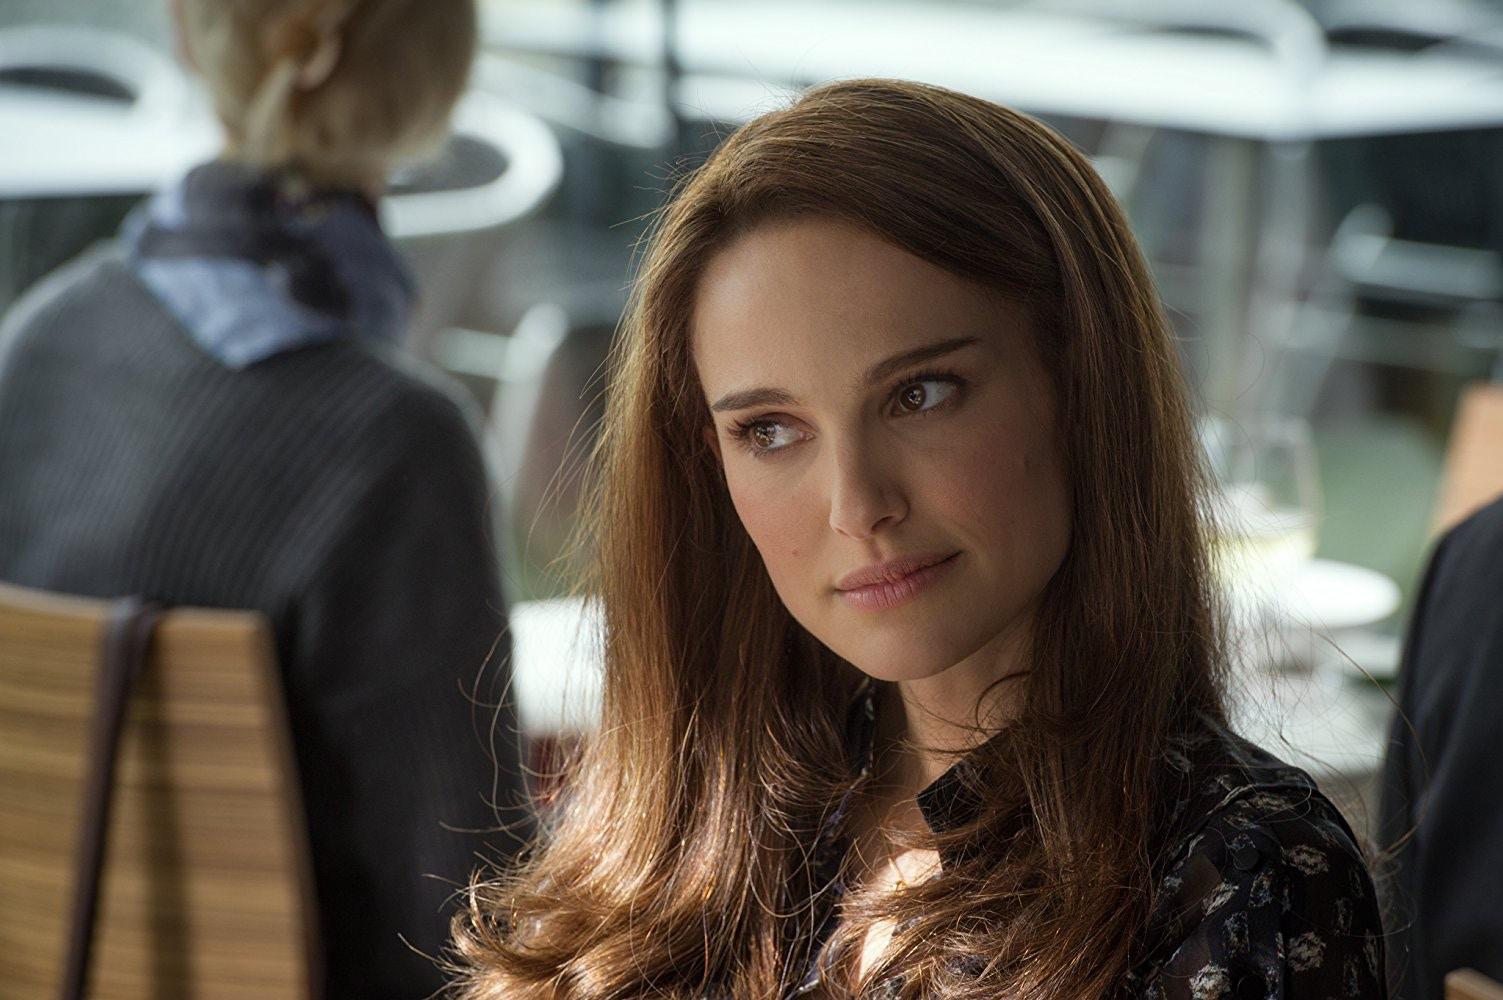 2011 年開始的《雷神索爾》系列電影中,前兩集的女主角便是由娜塔莉波曼飾演。